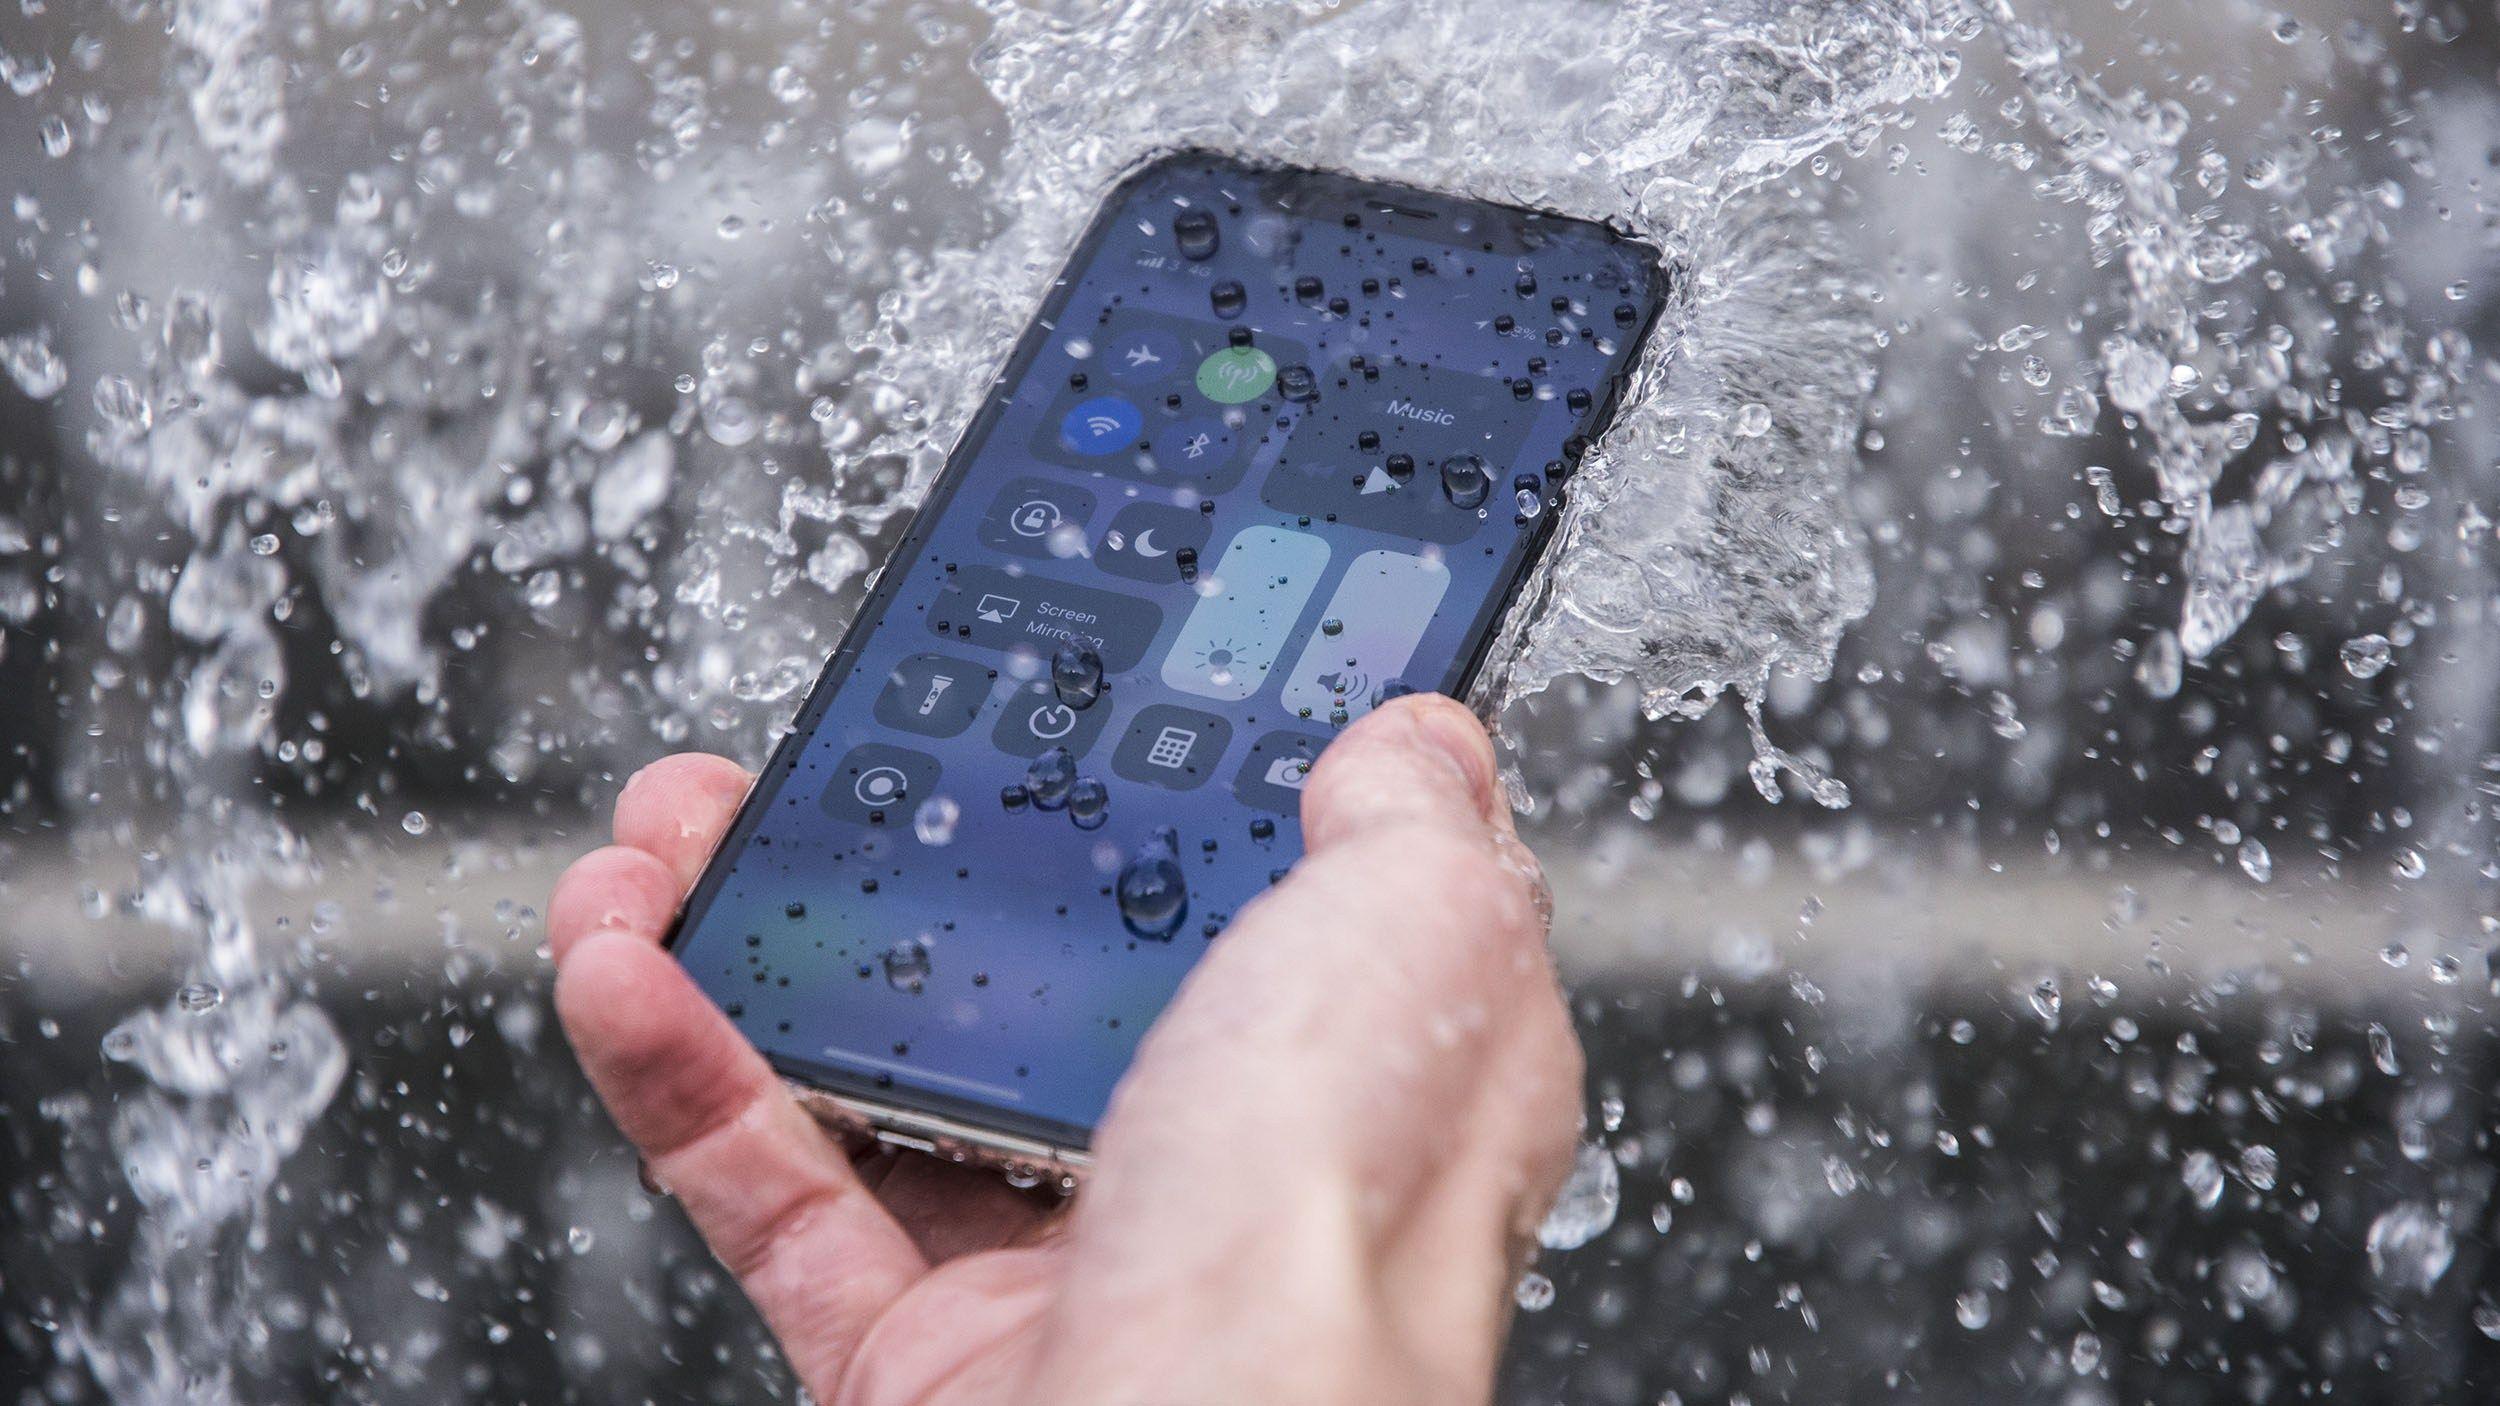 Wodoszczelne etui dla iPhone X z którymi bezpiecznie użyjesz telefonu pod wodą